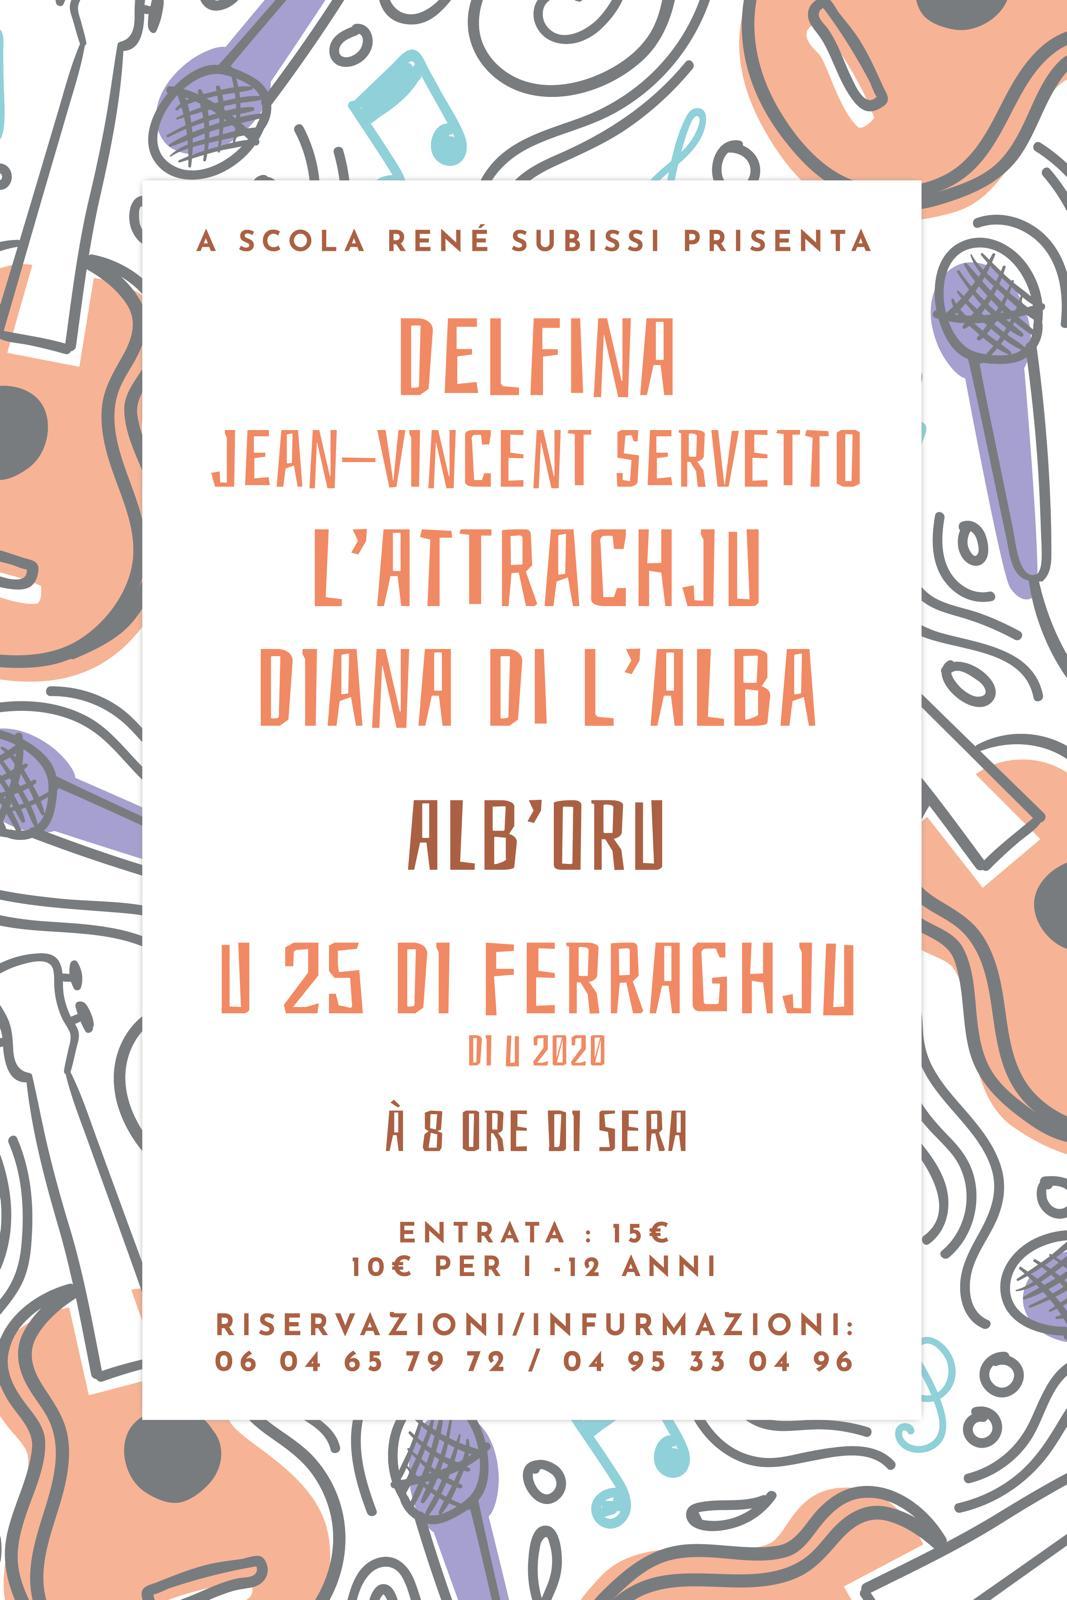 CUNCERTU ALB'ORU MARTI 25/02/2020